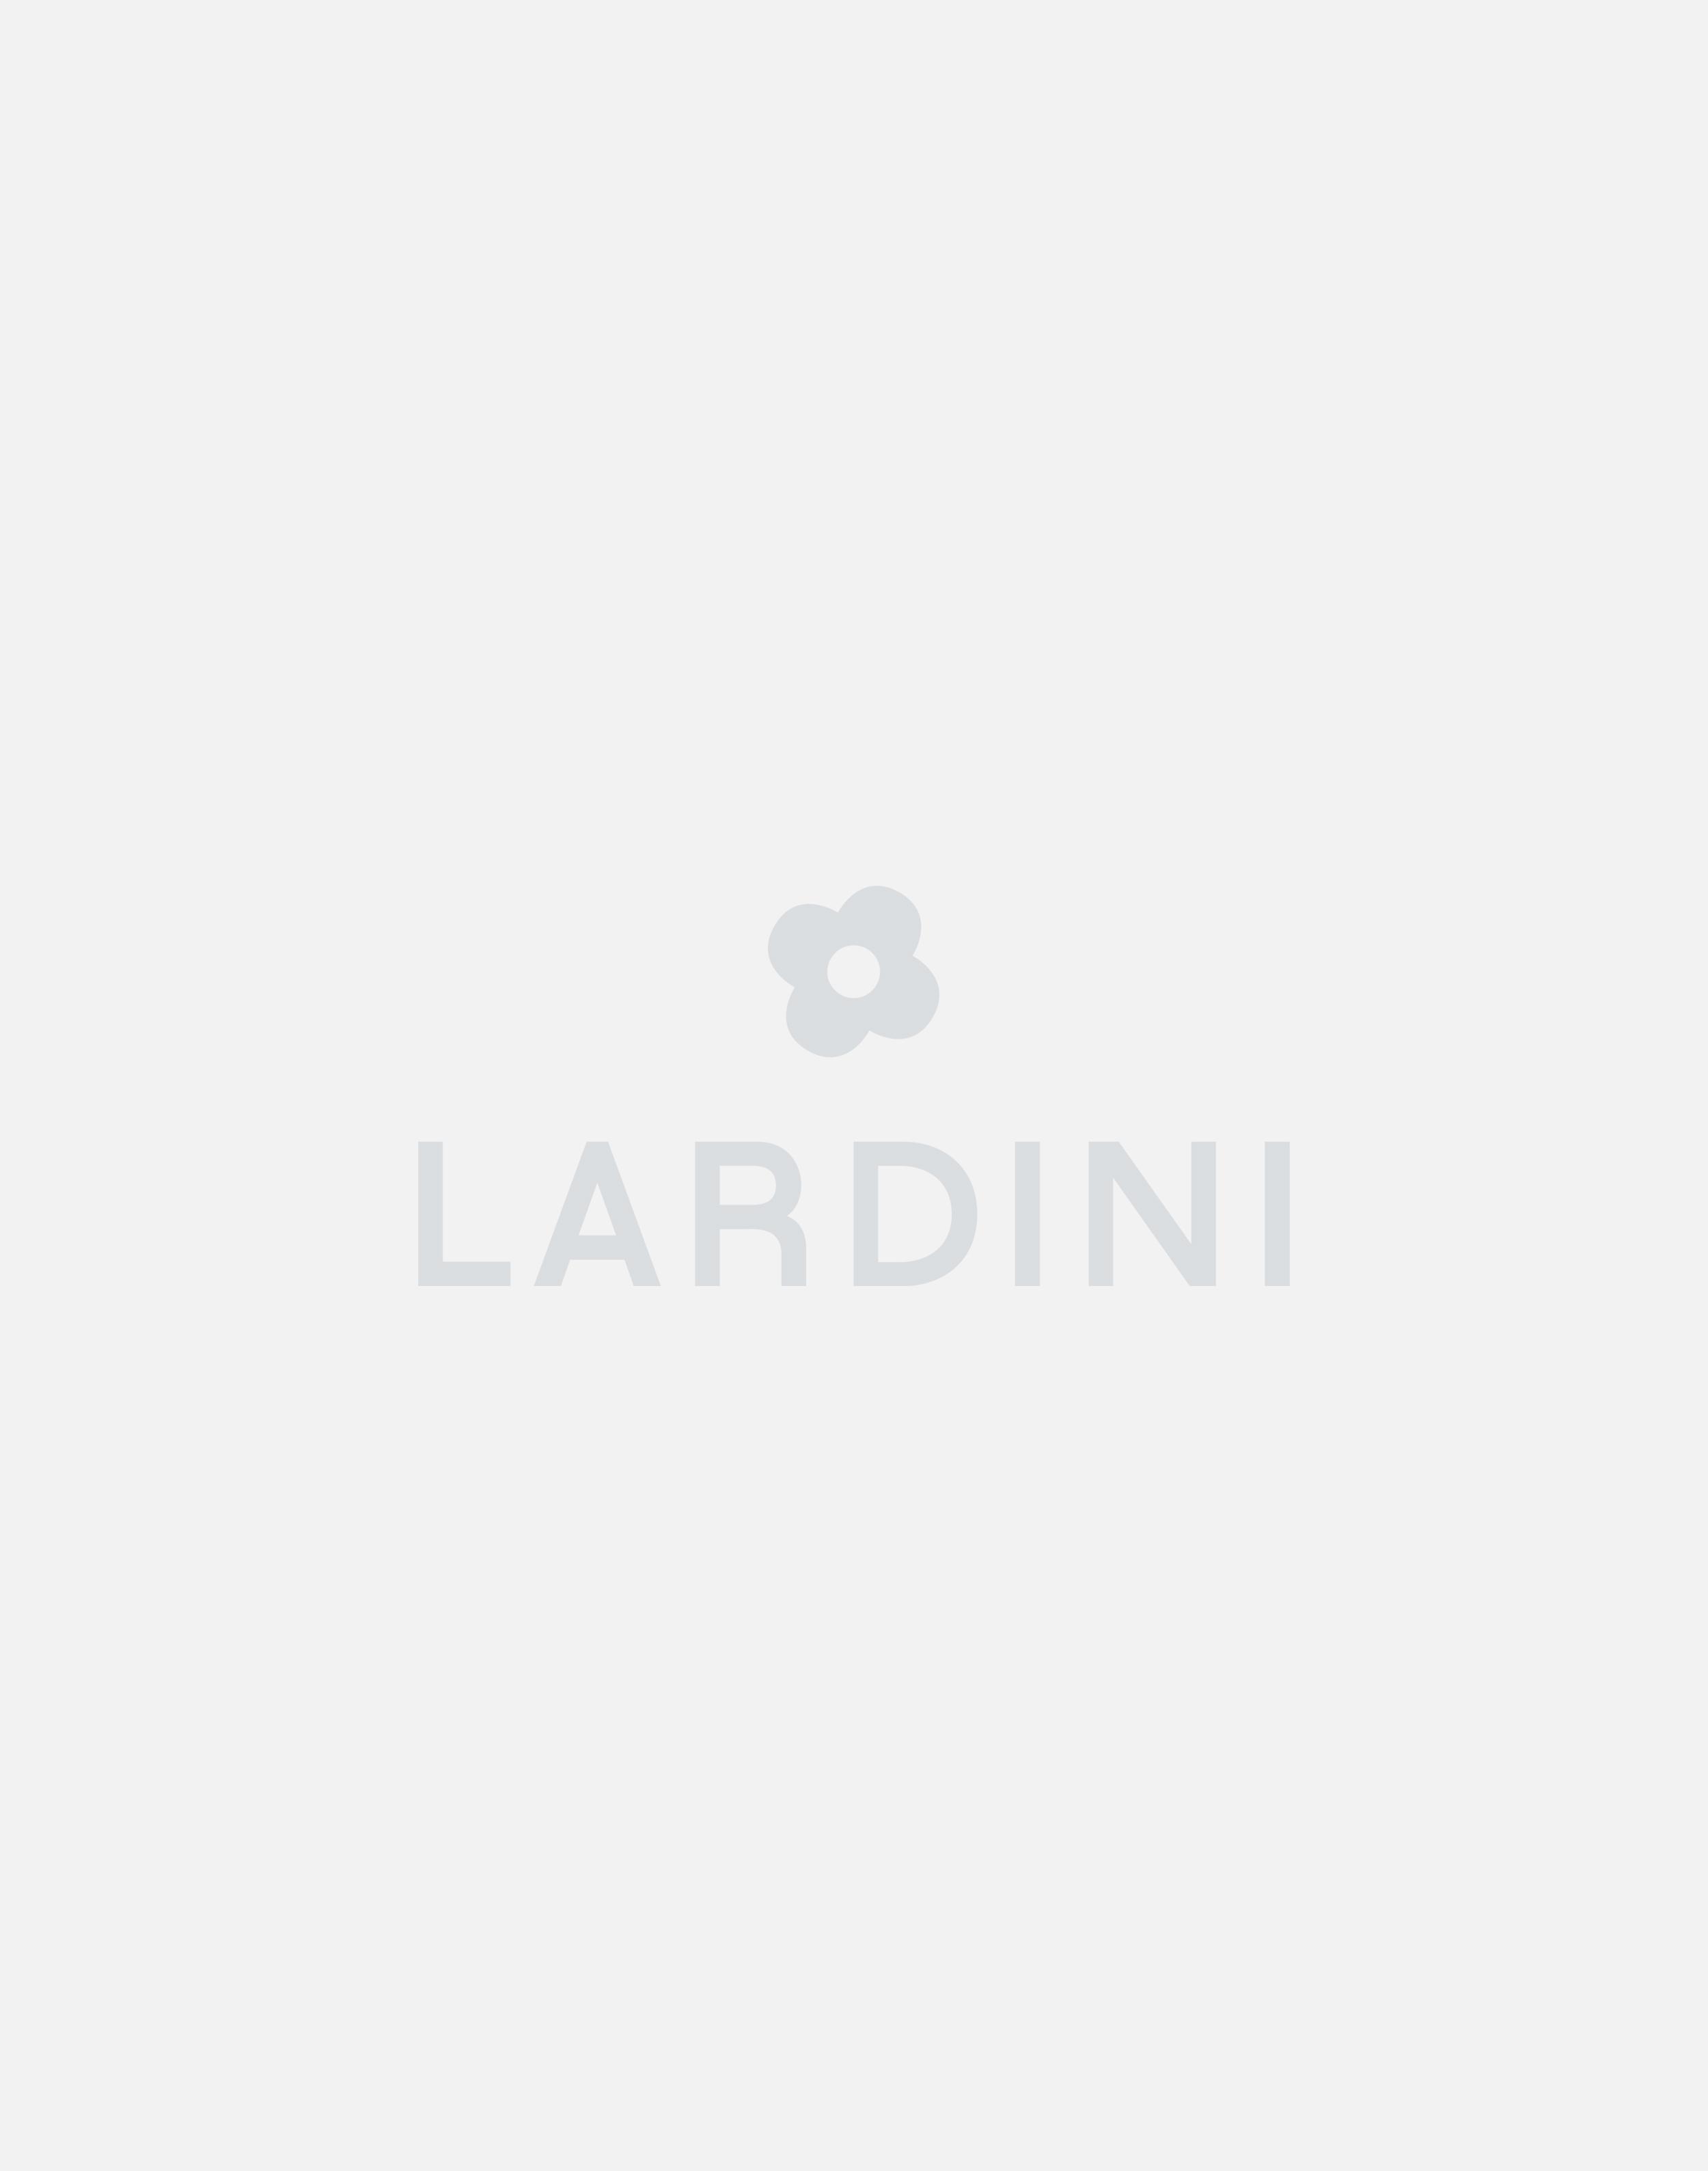 Beige Shetland wool Regimental tie